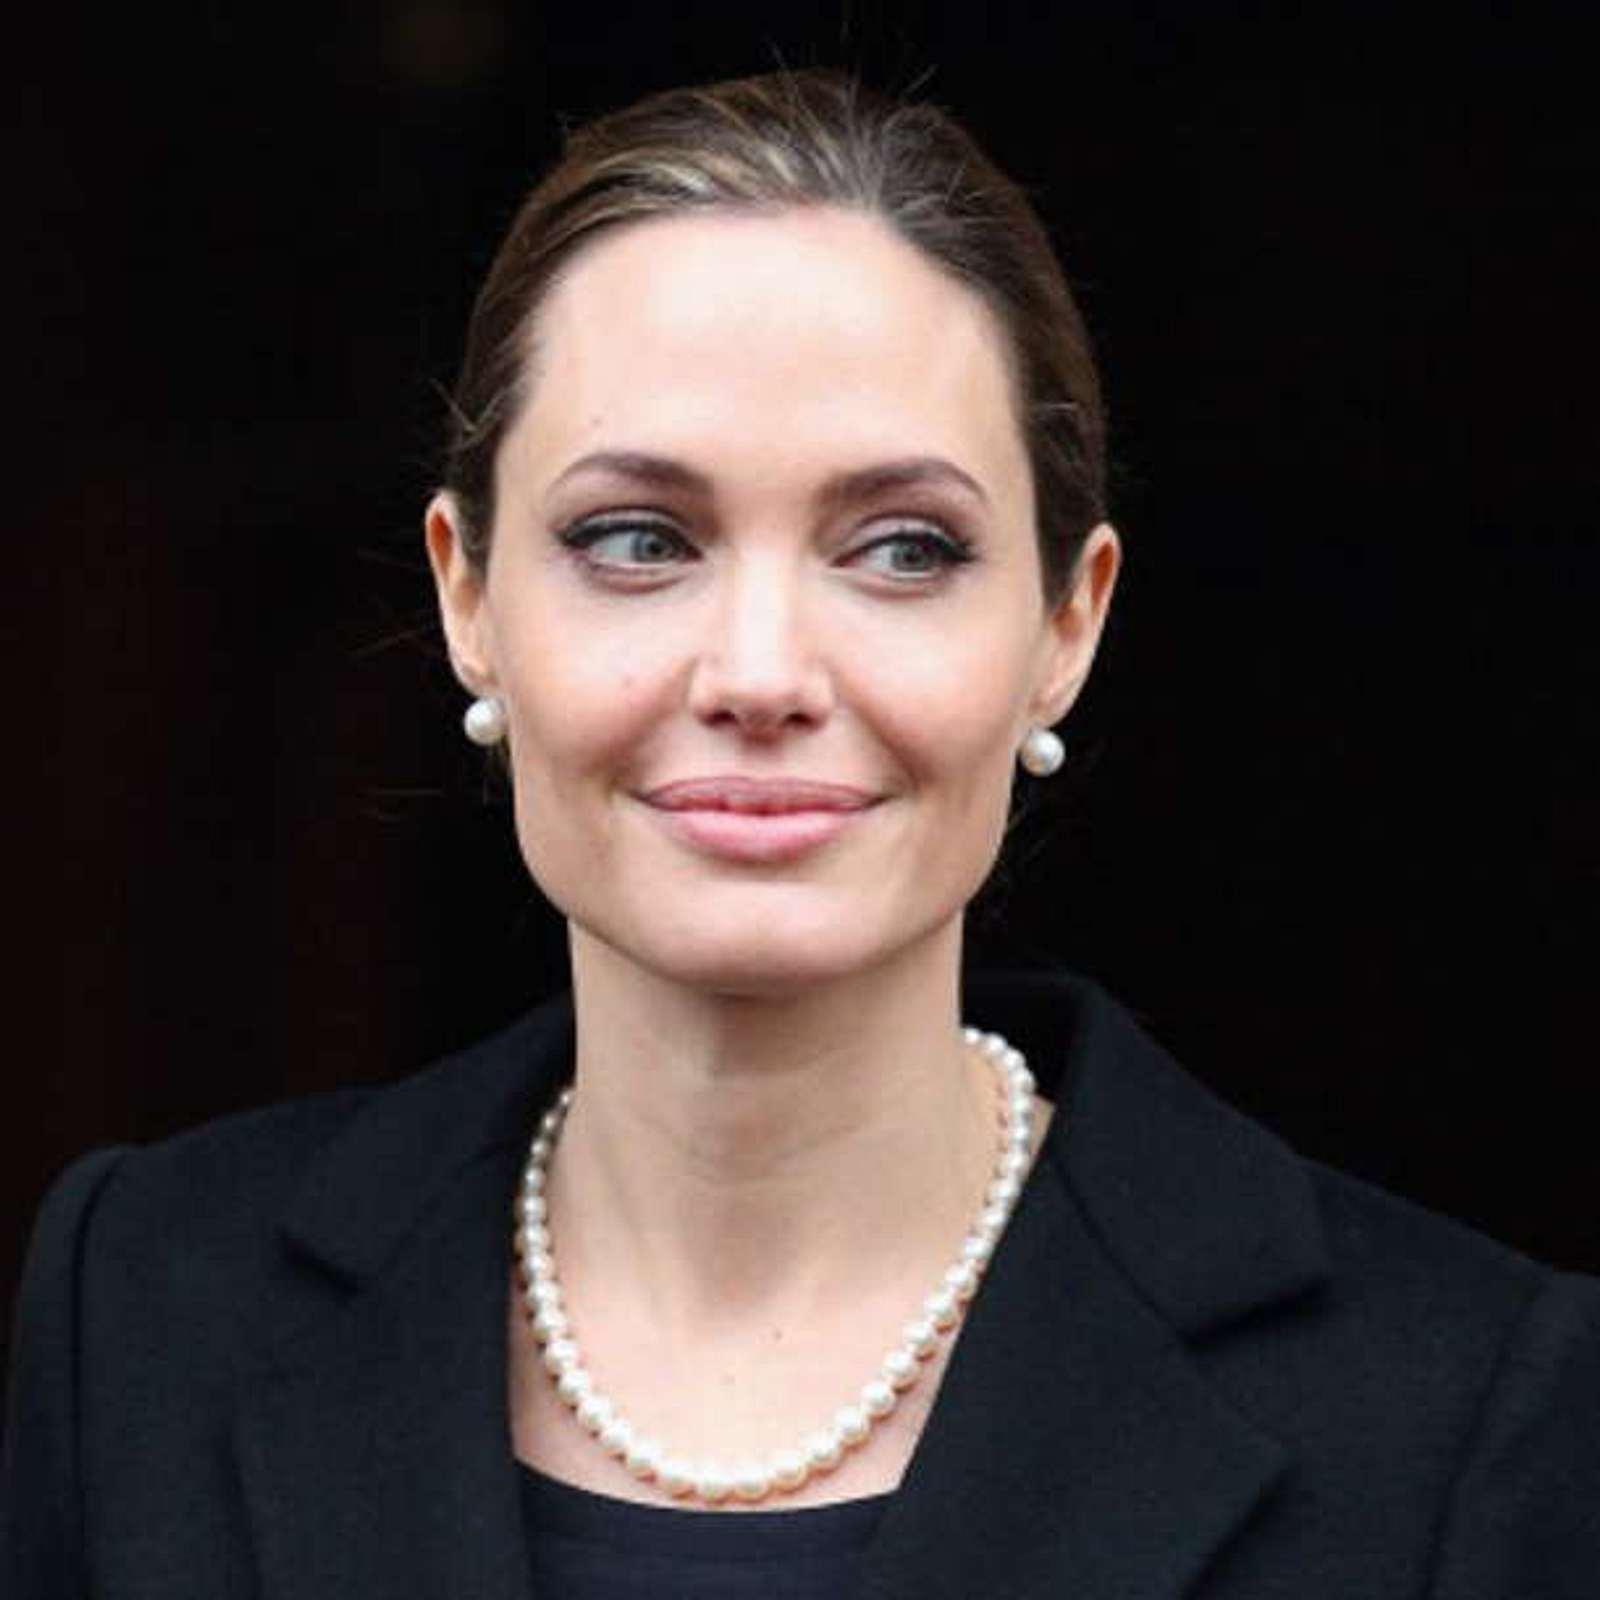 Angelina Jolie Affäre